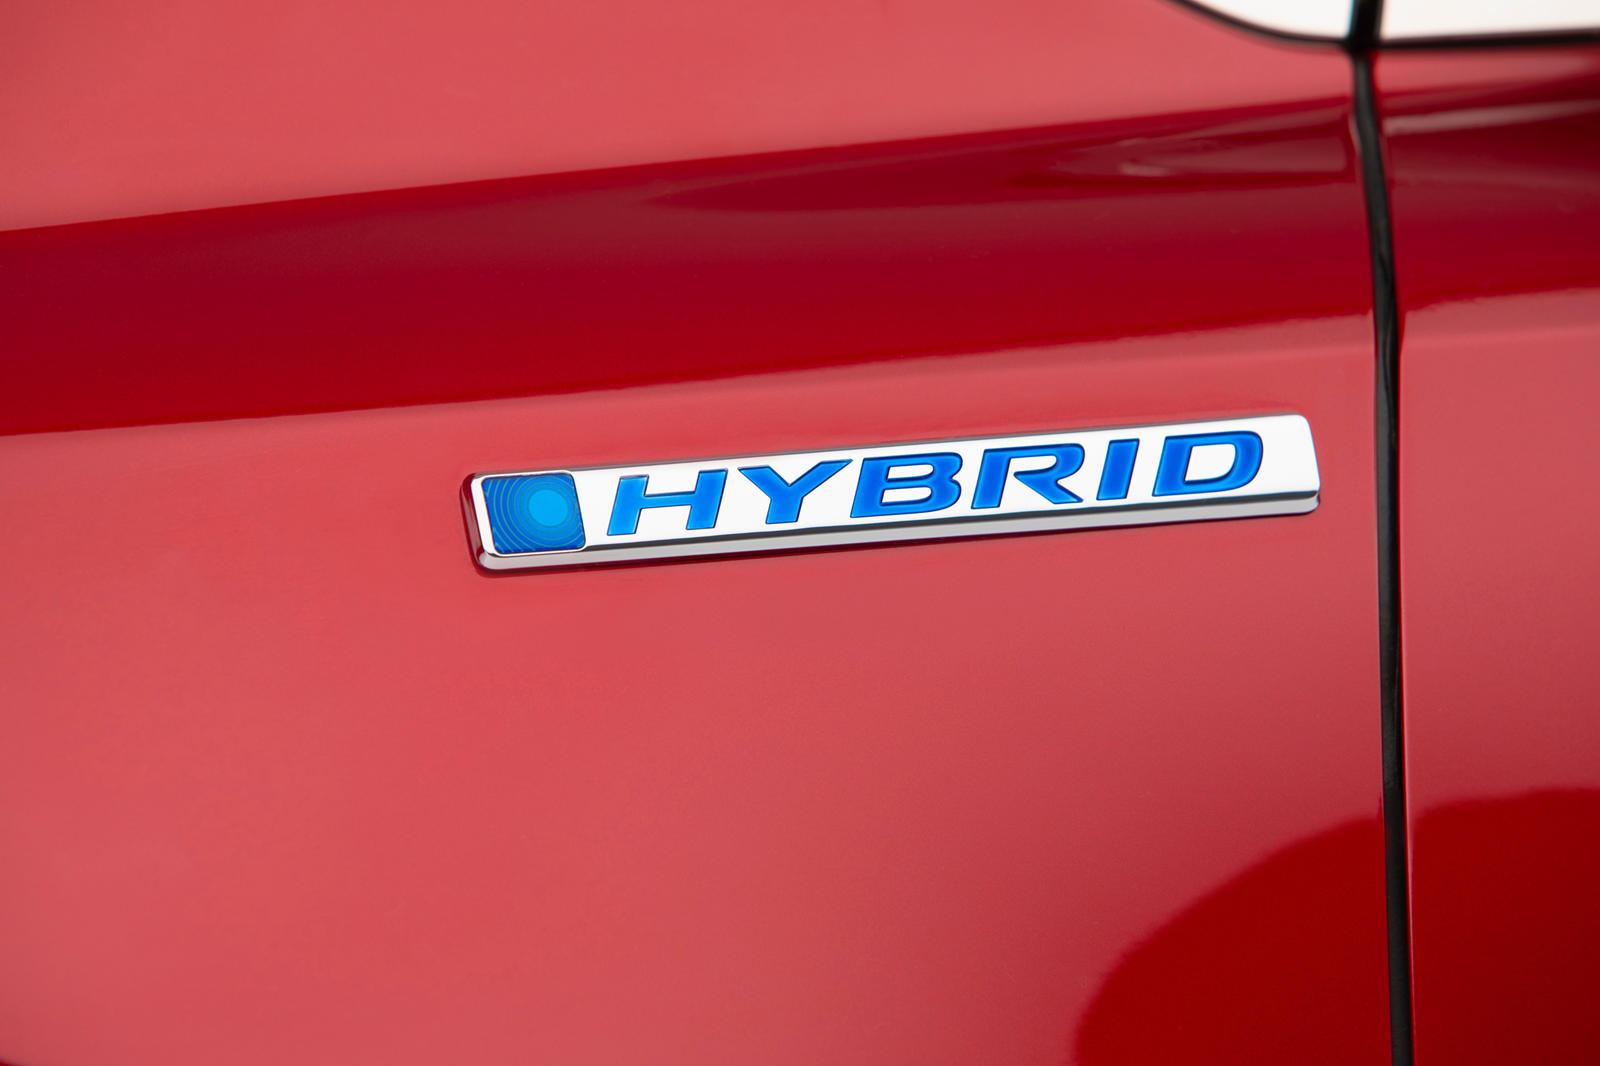 Honda поделилась только одним тизер изображением концептуального электромобиля, хотя не на 100% ясно, будет ли это седан или, возможно, кроссовер с низкой посадкой.